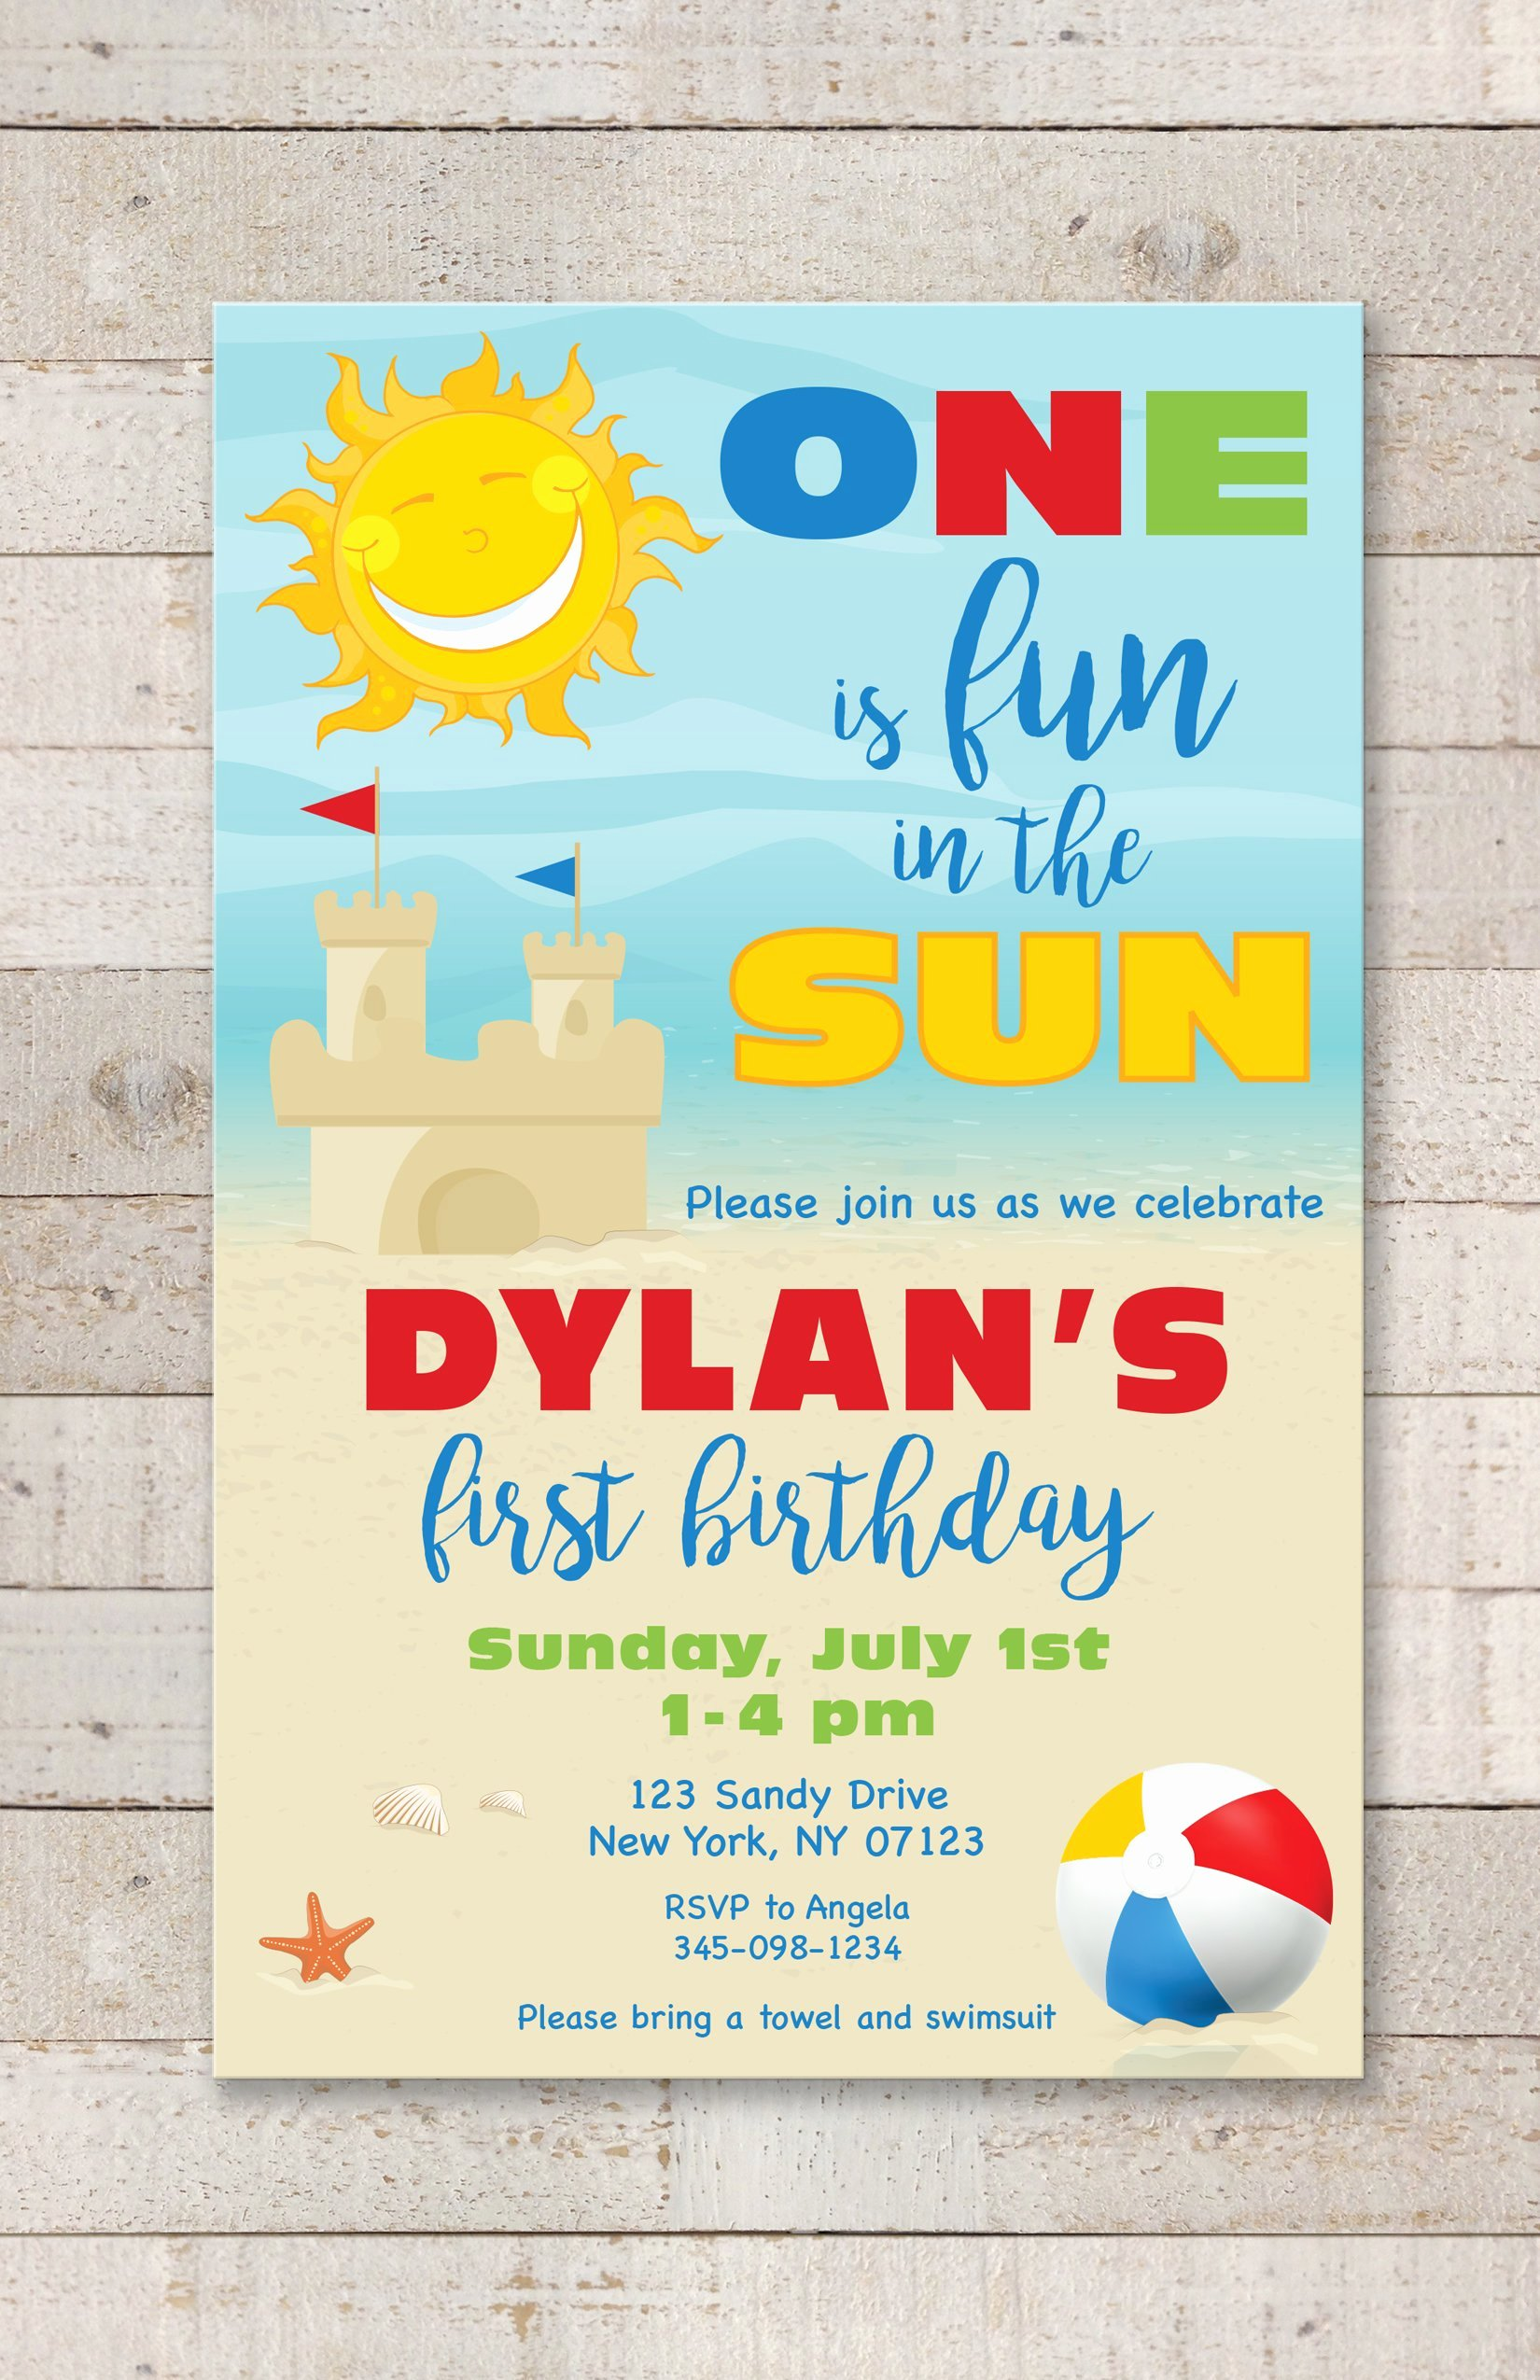 Beach Birthday Party Invitations Elegant 1st Birthday Party Invitations E is Fun In the Sun